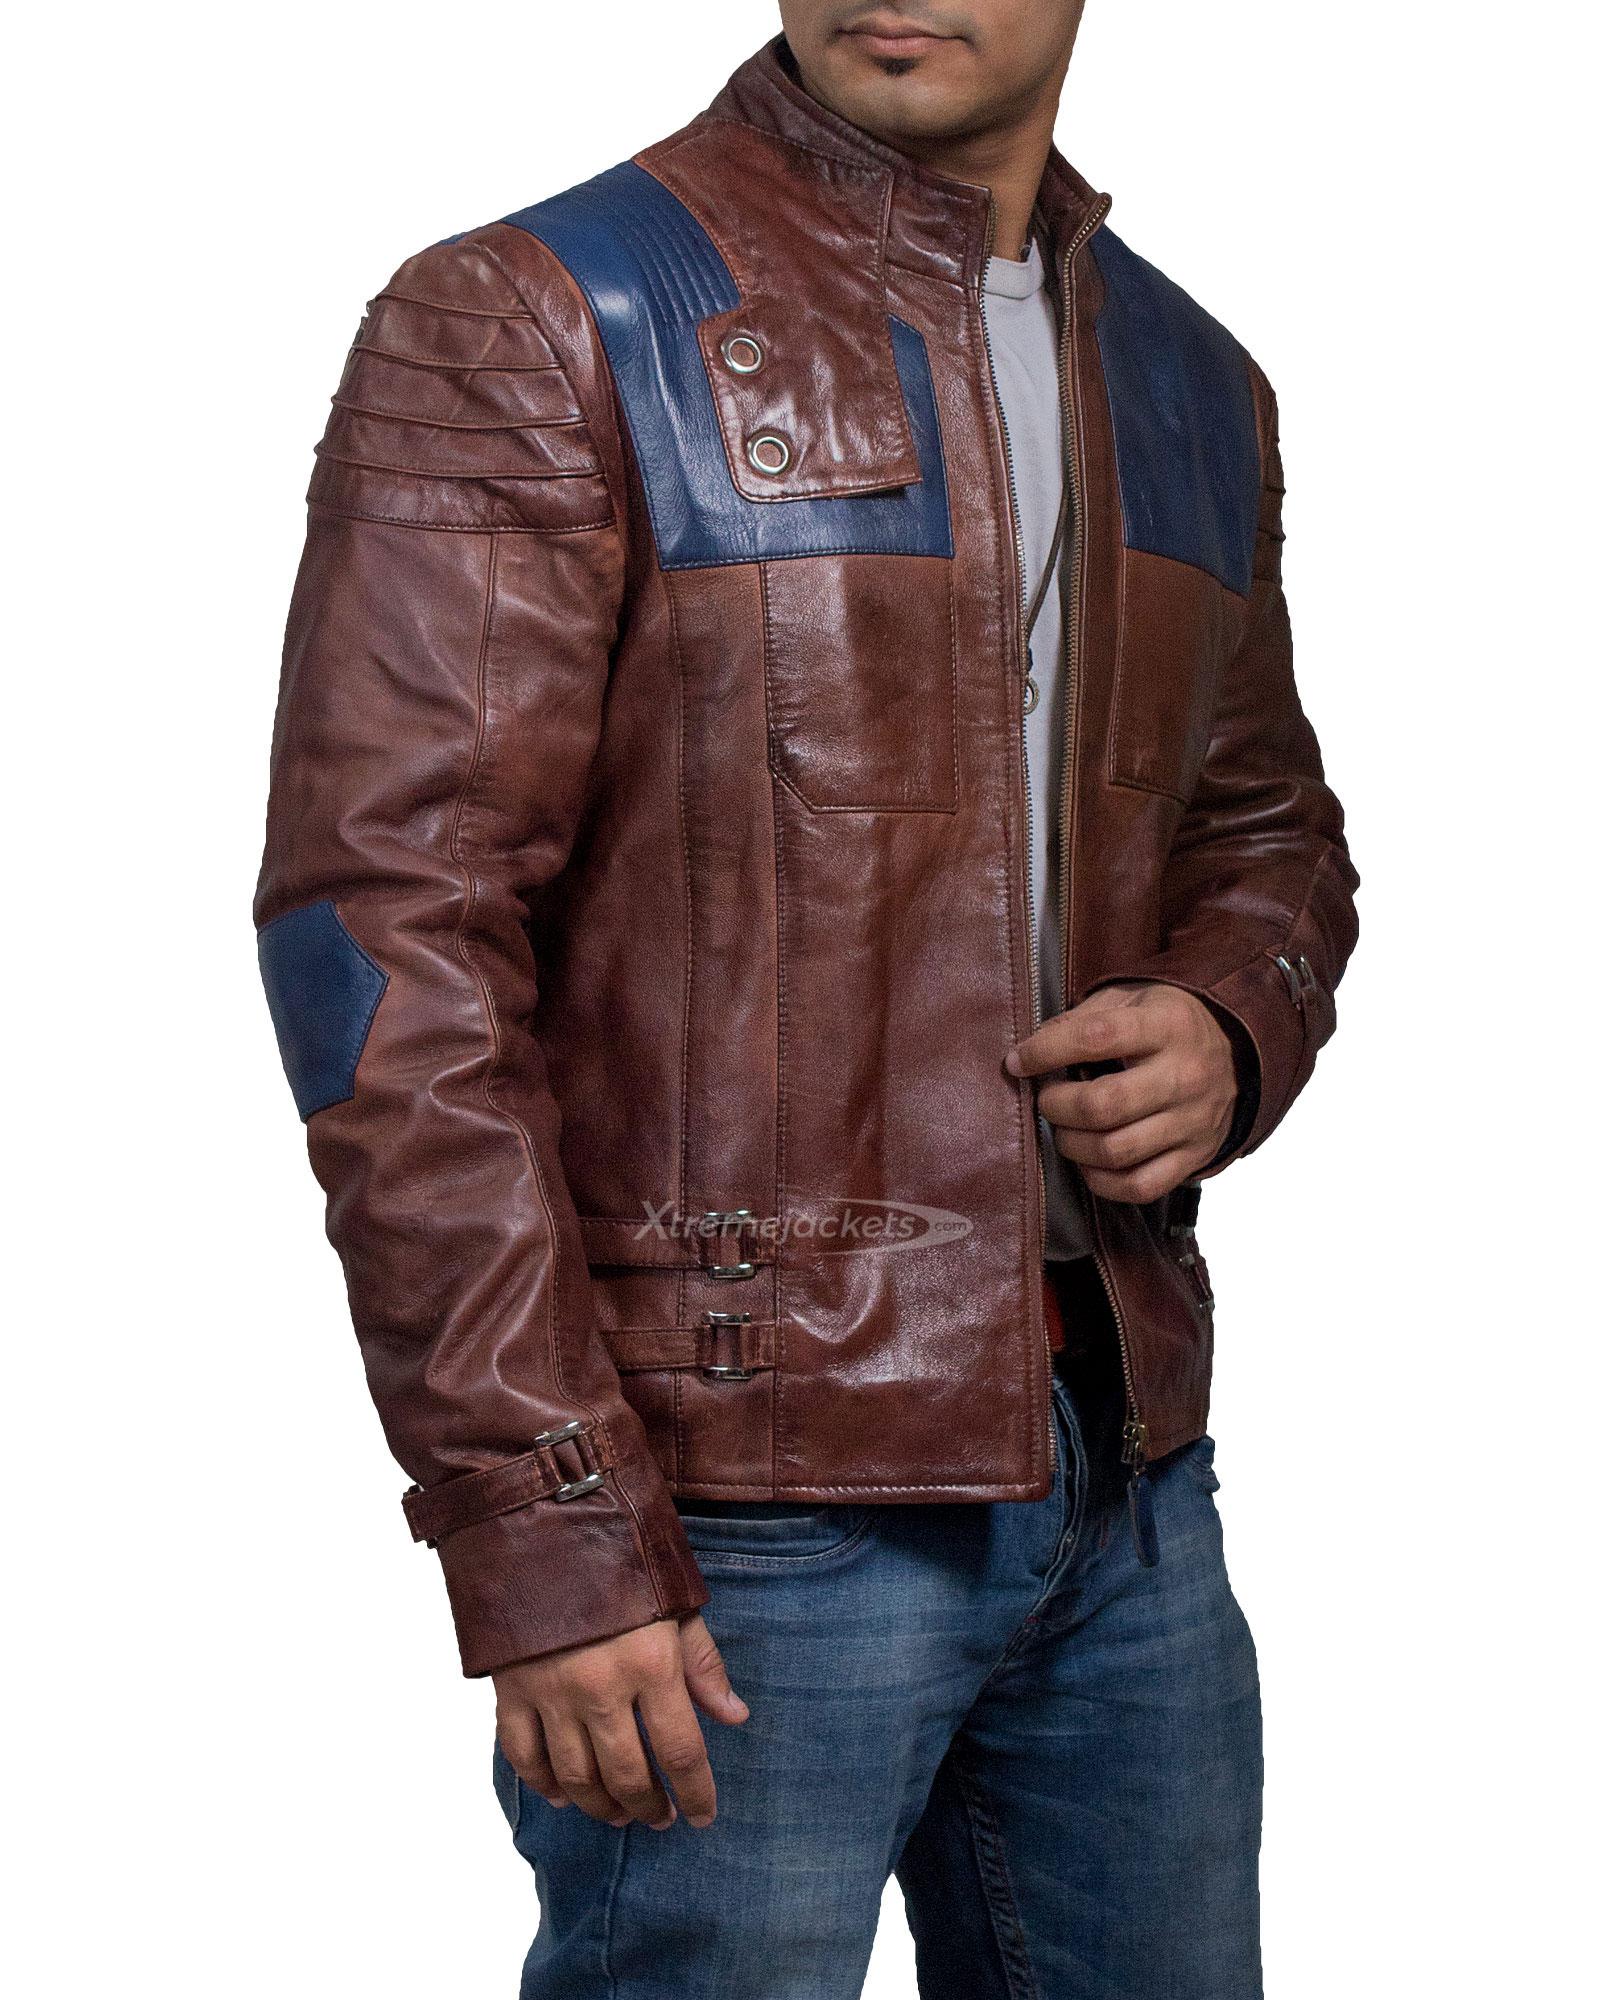 krypton-seg-el-jacket-e